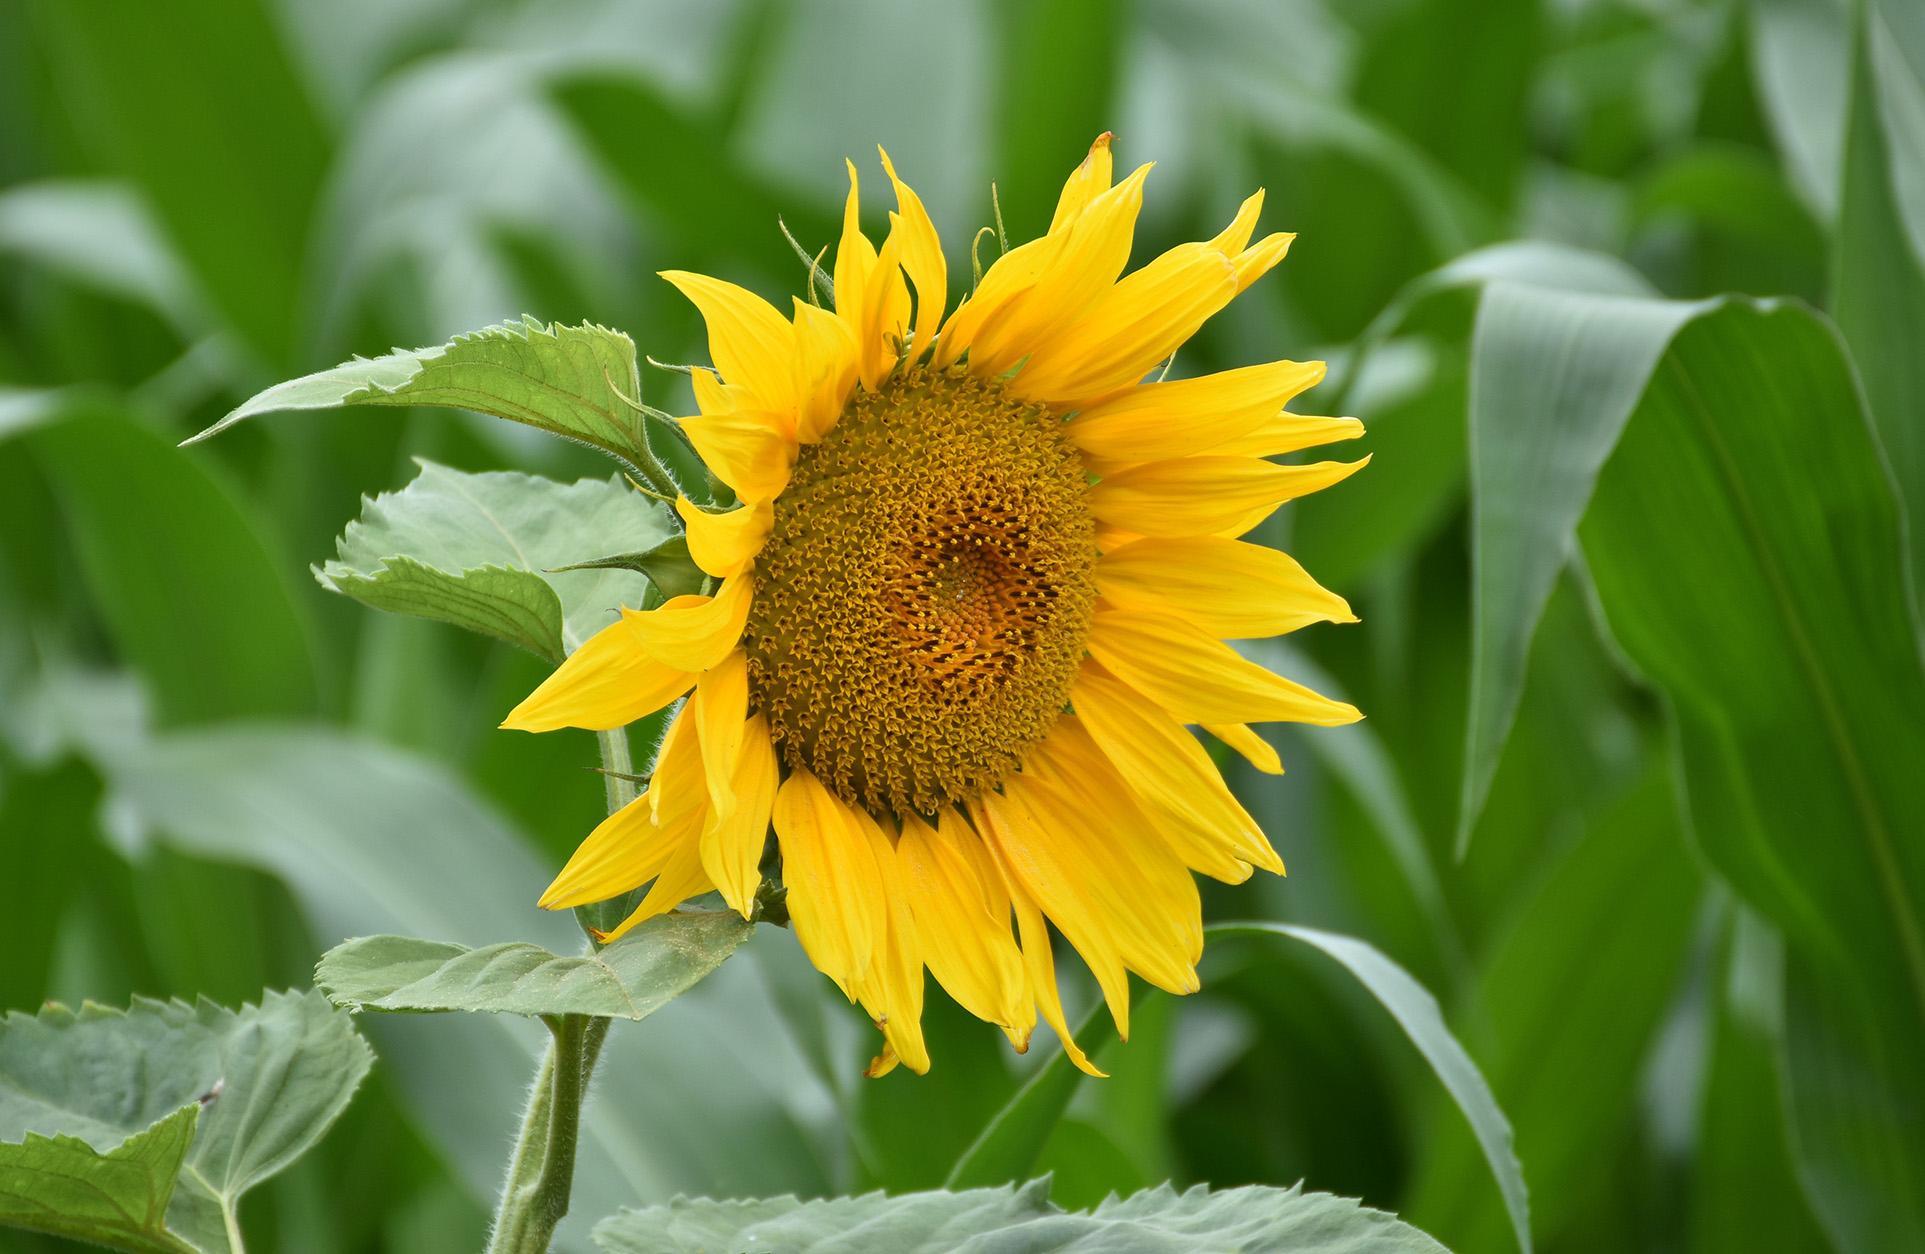 Zomaar een prachtig bloeiende Zonnebloem naast een maisakker - Foto: ©Louis Fraanje